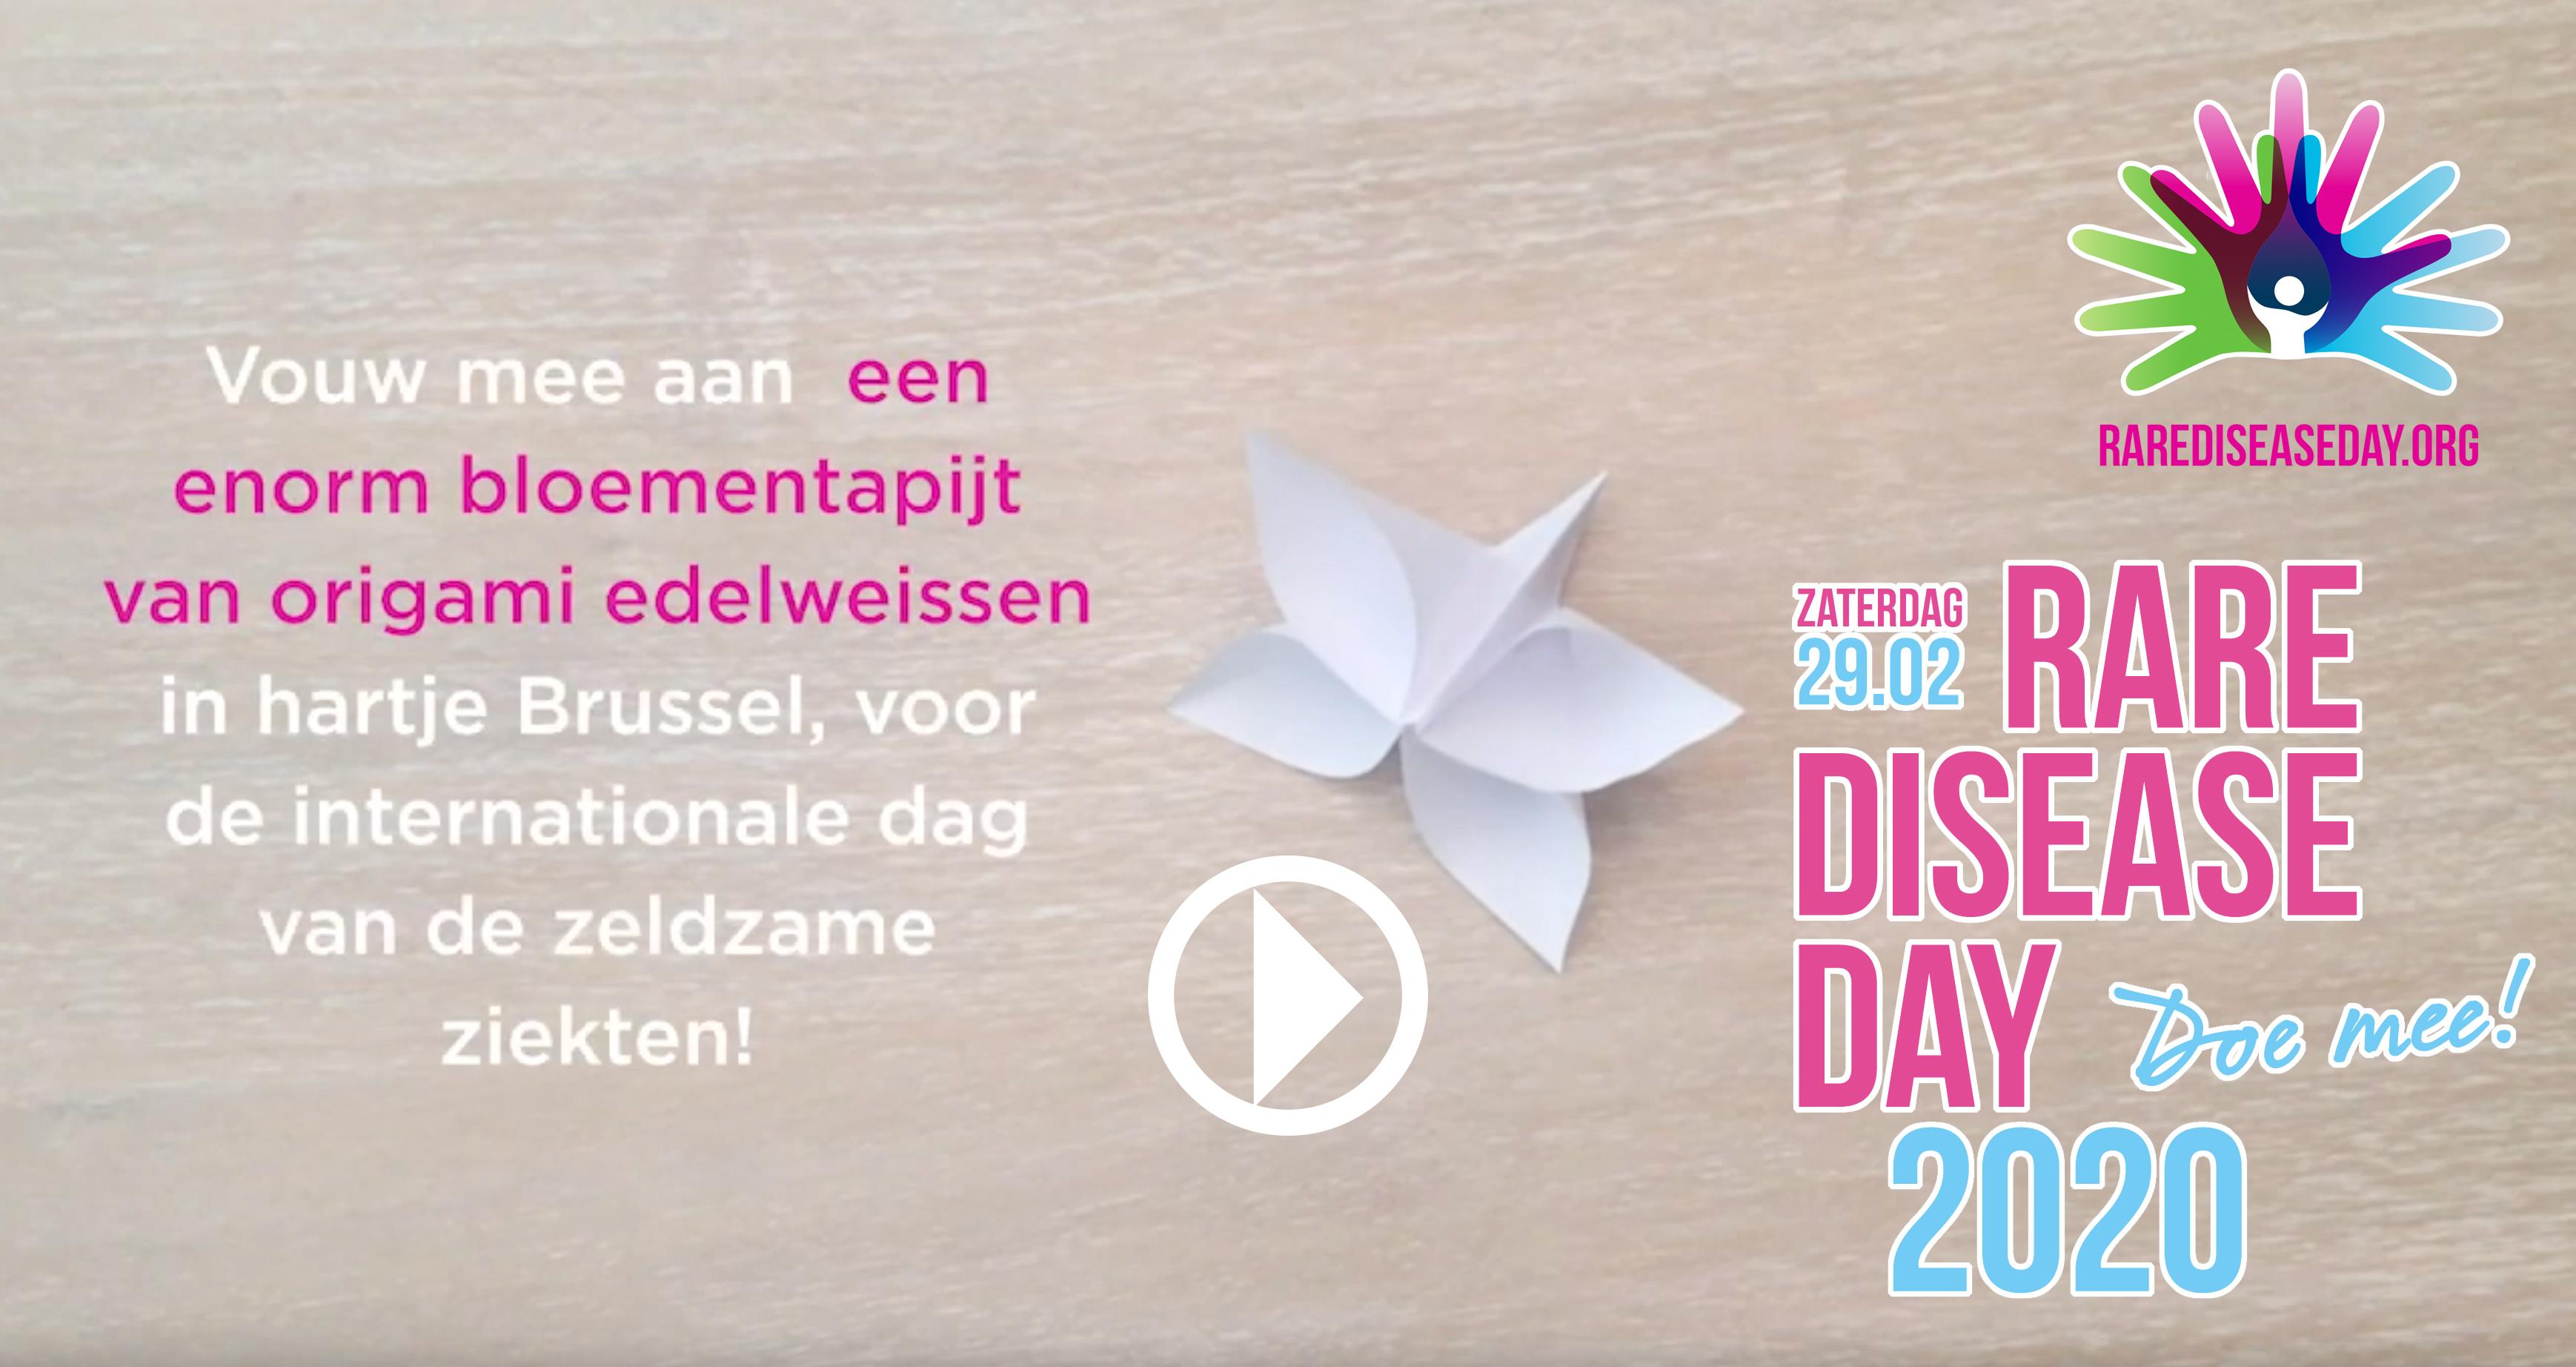 tribe-loading Edelweiss bloementapijt in Brussel voor de zeldzame ziekten